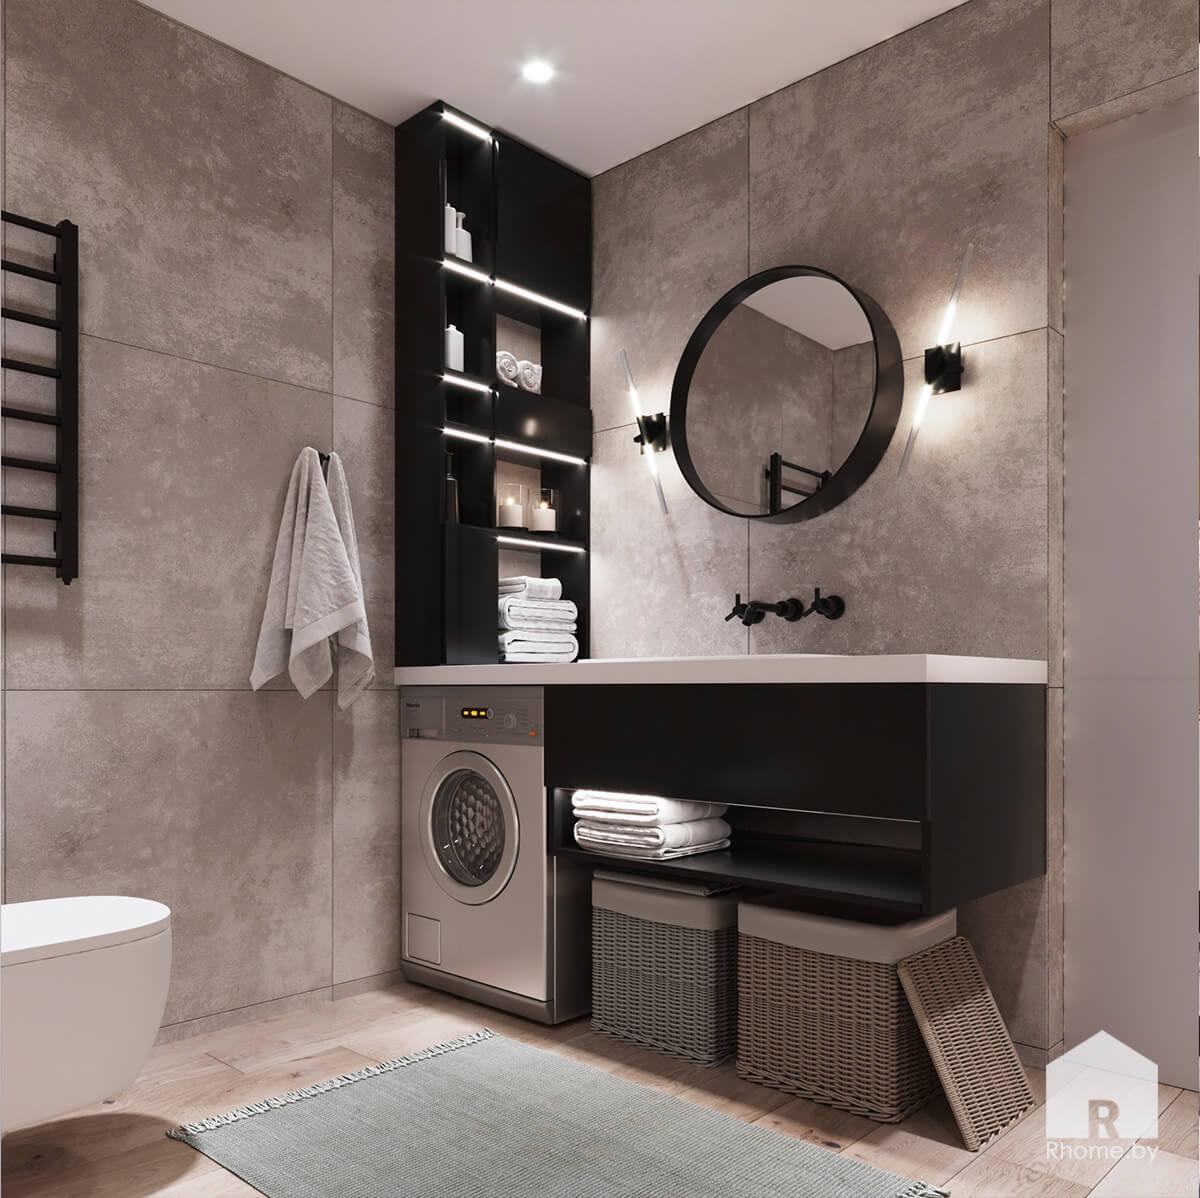 Квартира в Новой Боровой. Ванная комната с плиткой под камень и зеркалом